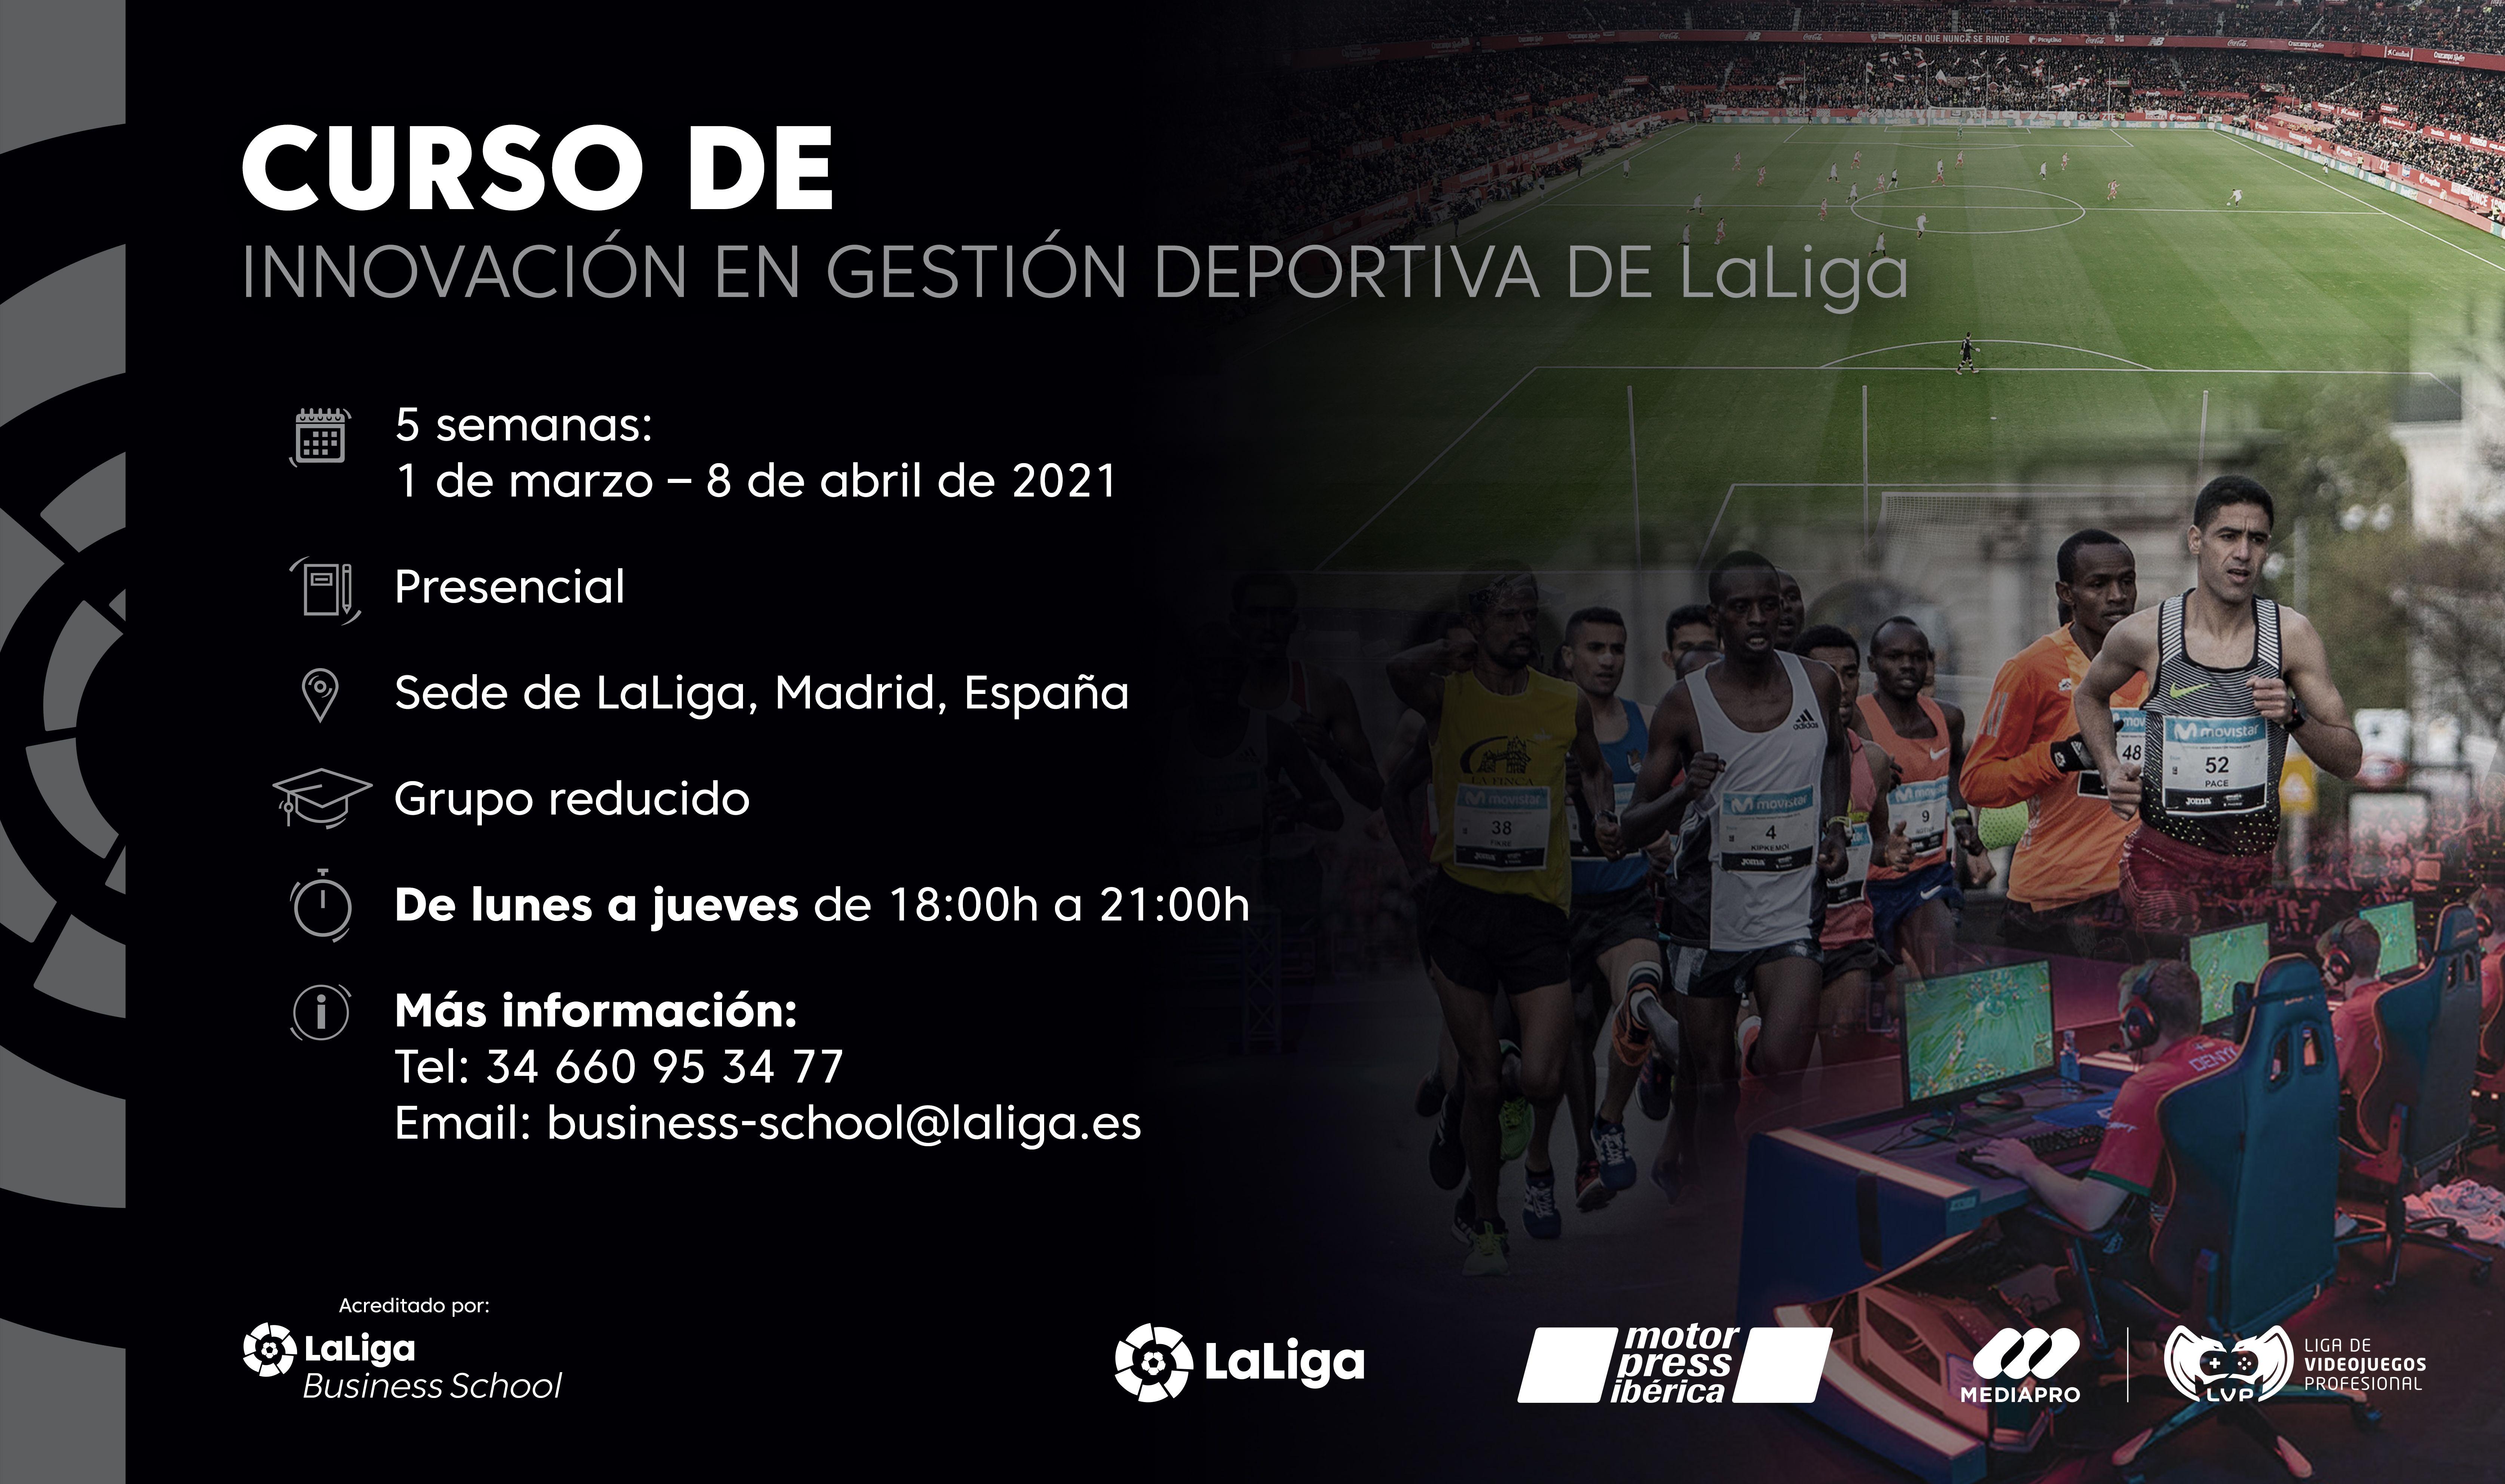 Curso de Innovación en Gestión Deportiva